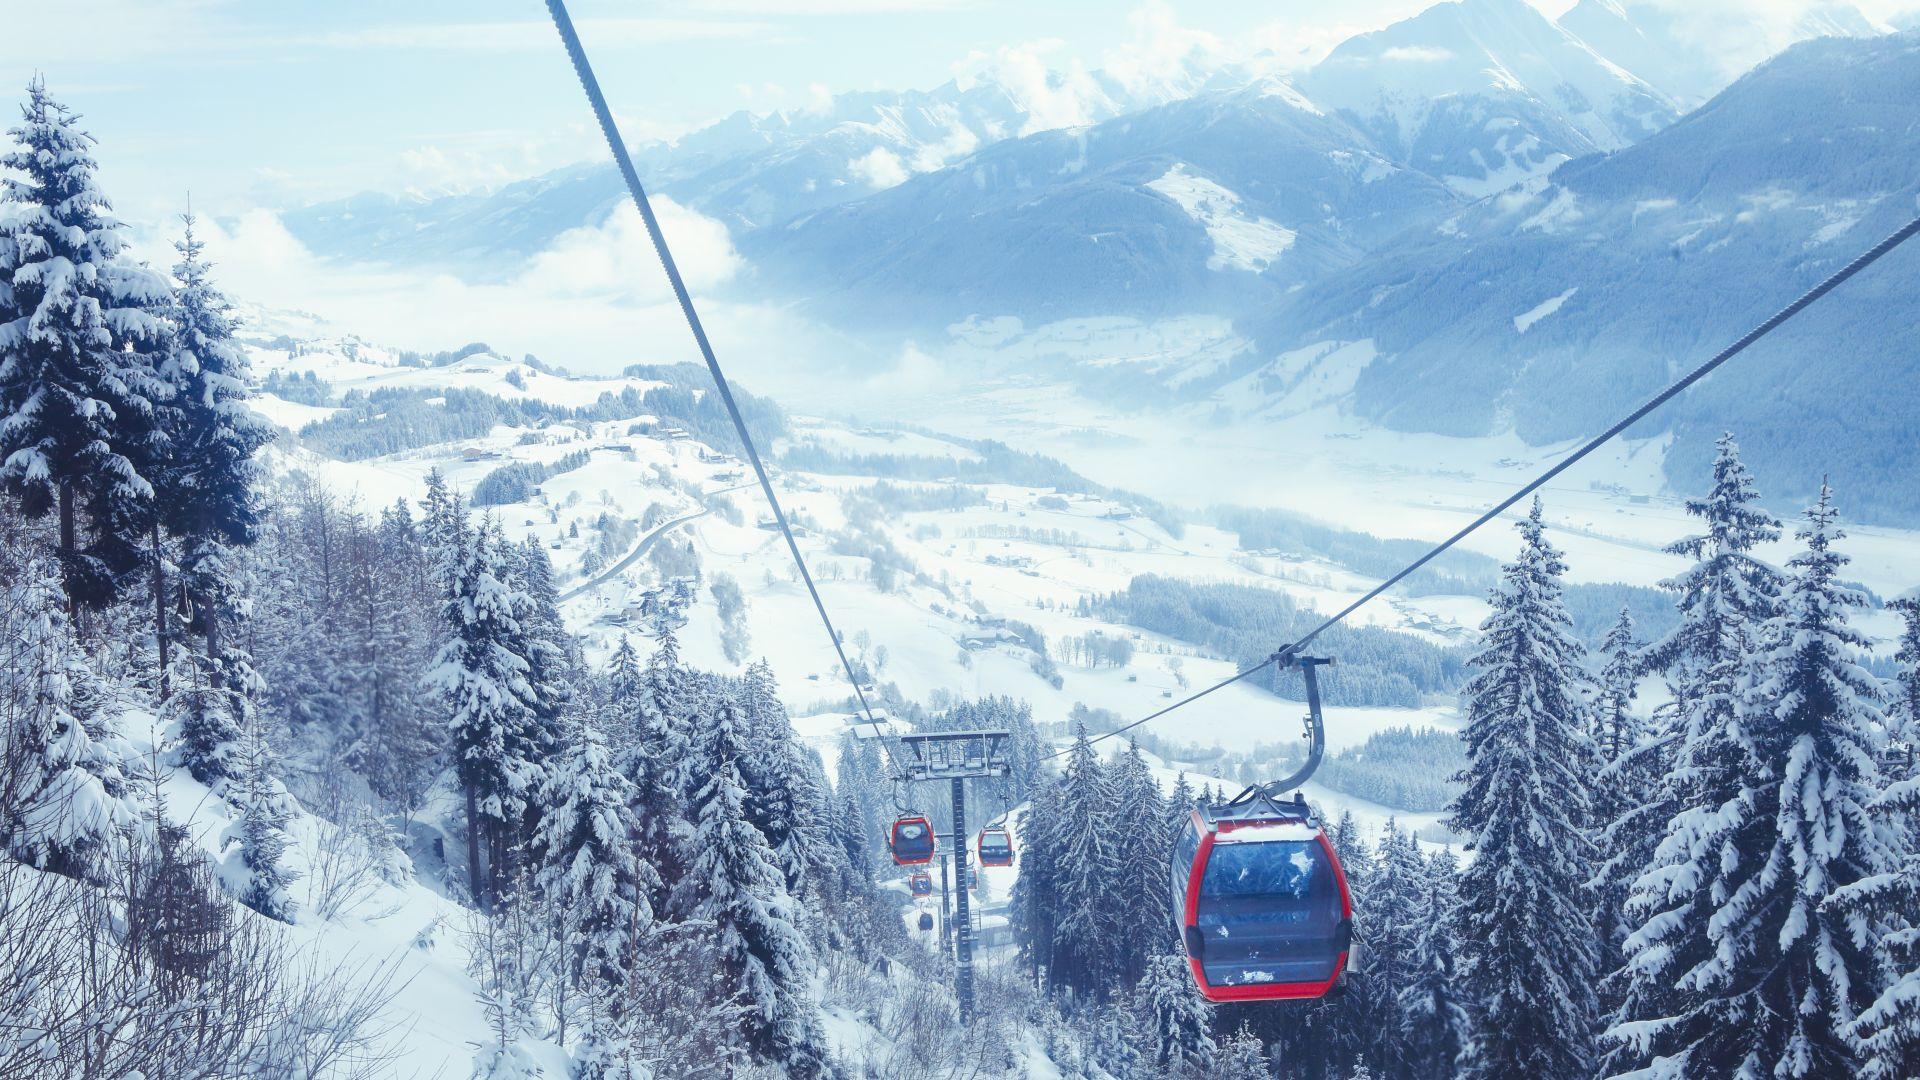 Дърво падна върху лифт в Австрия, 40 души са евакуирани